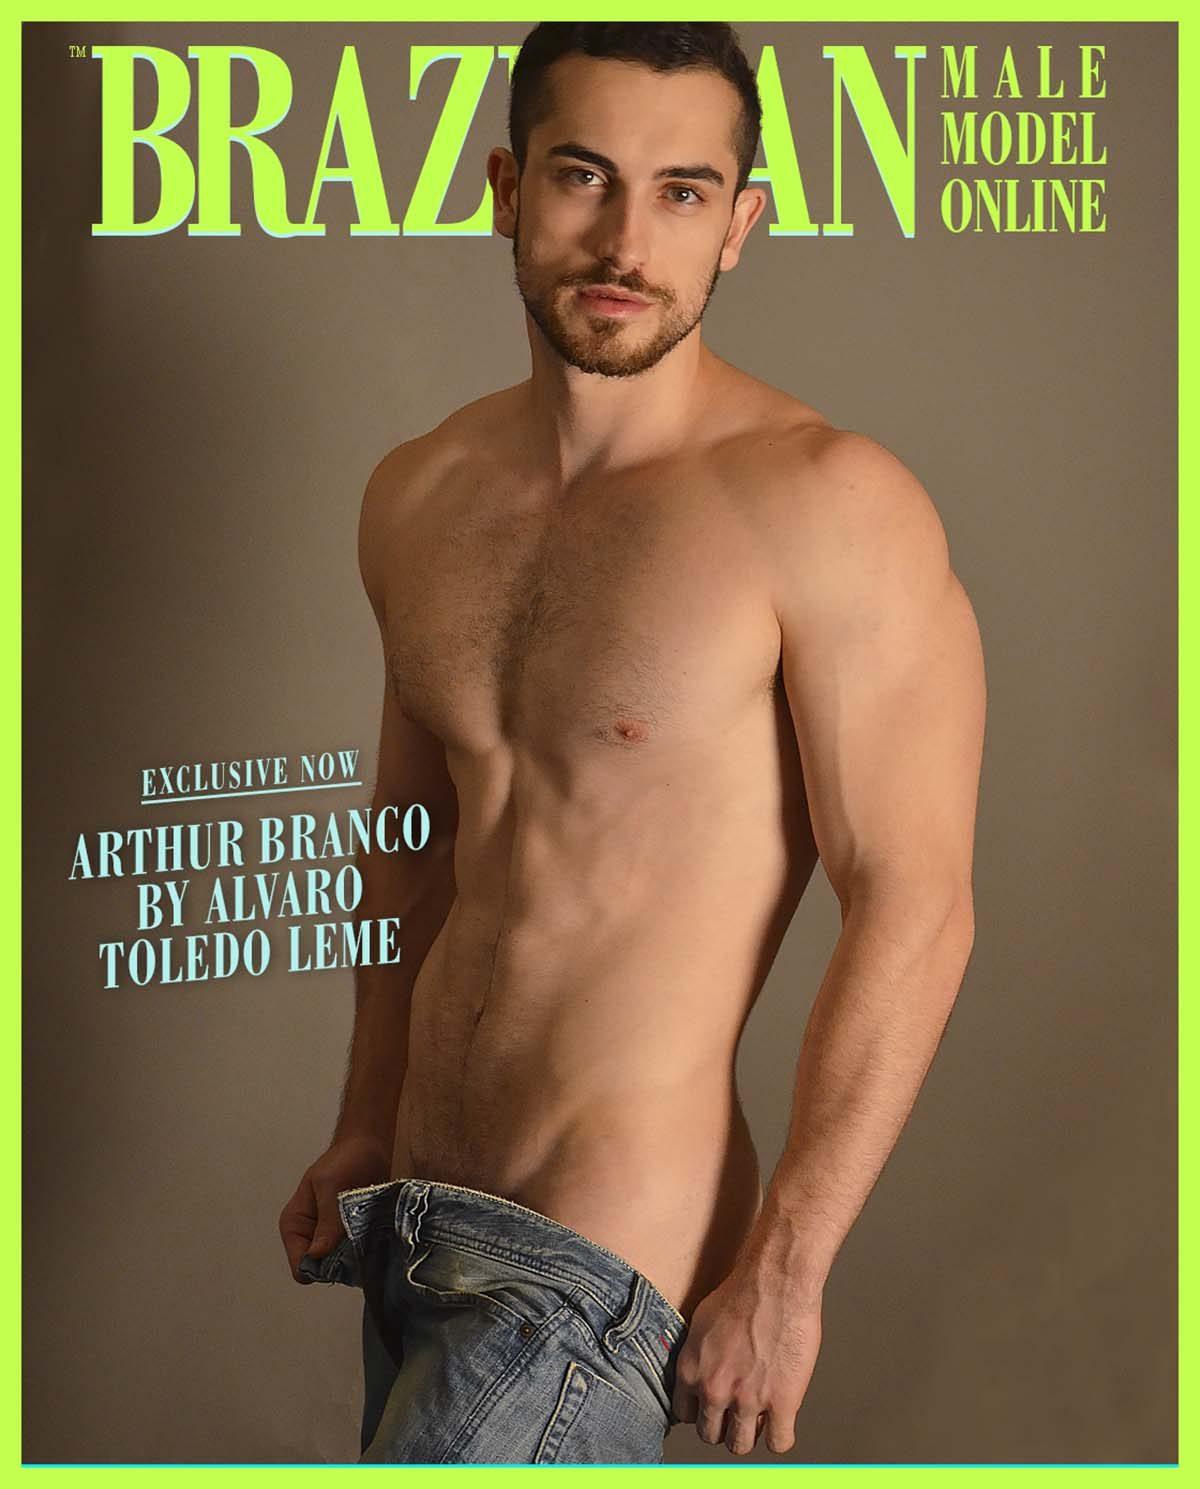 Arthur Branco by Alvaro Toledo Leme